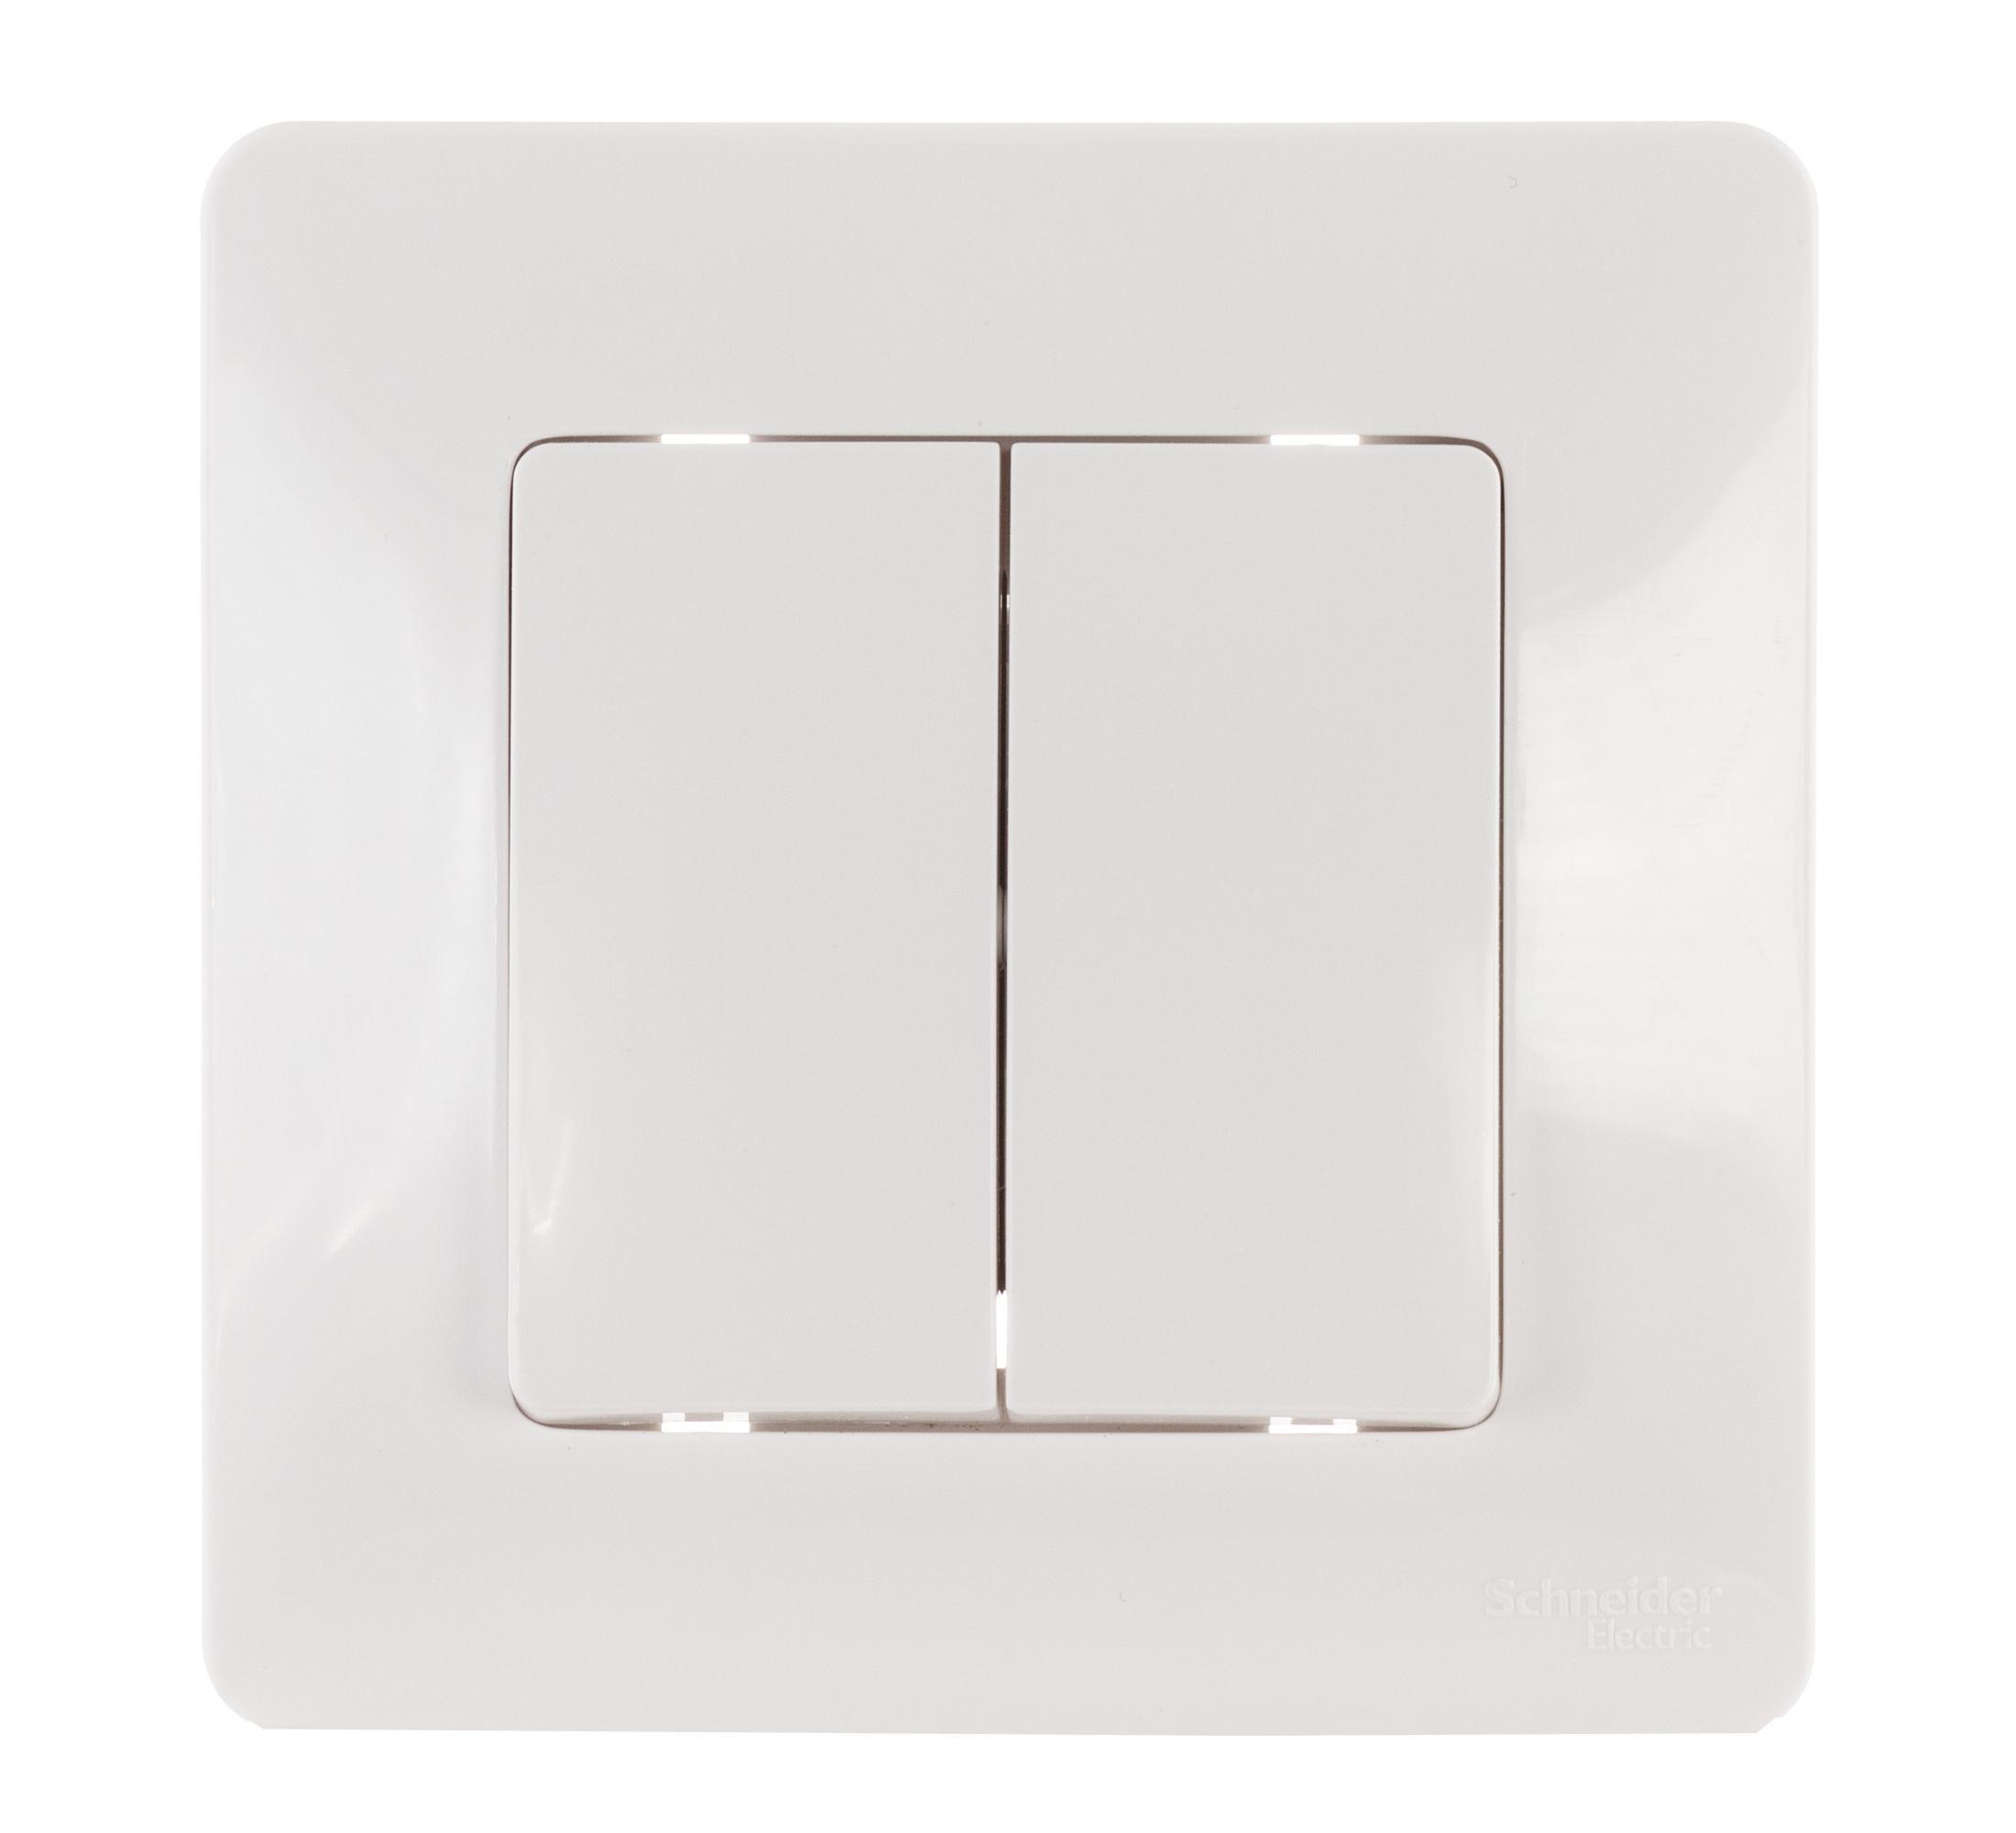 Выключатель Schneider electric Blnvs010501 blanca выключатель schneider electric blnva105014 blanca